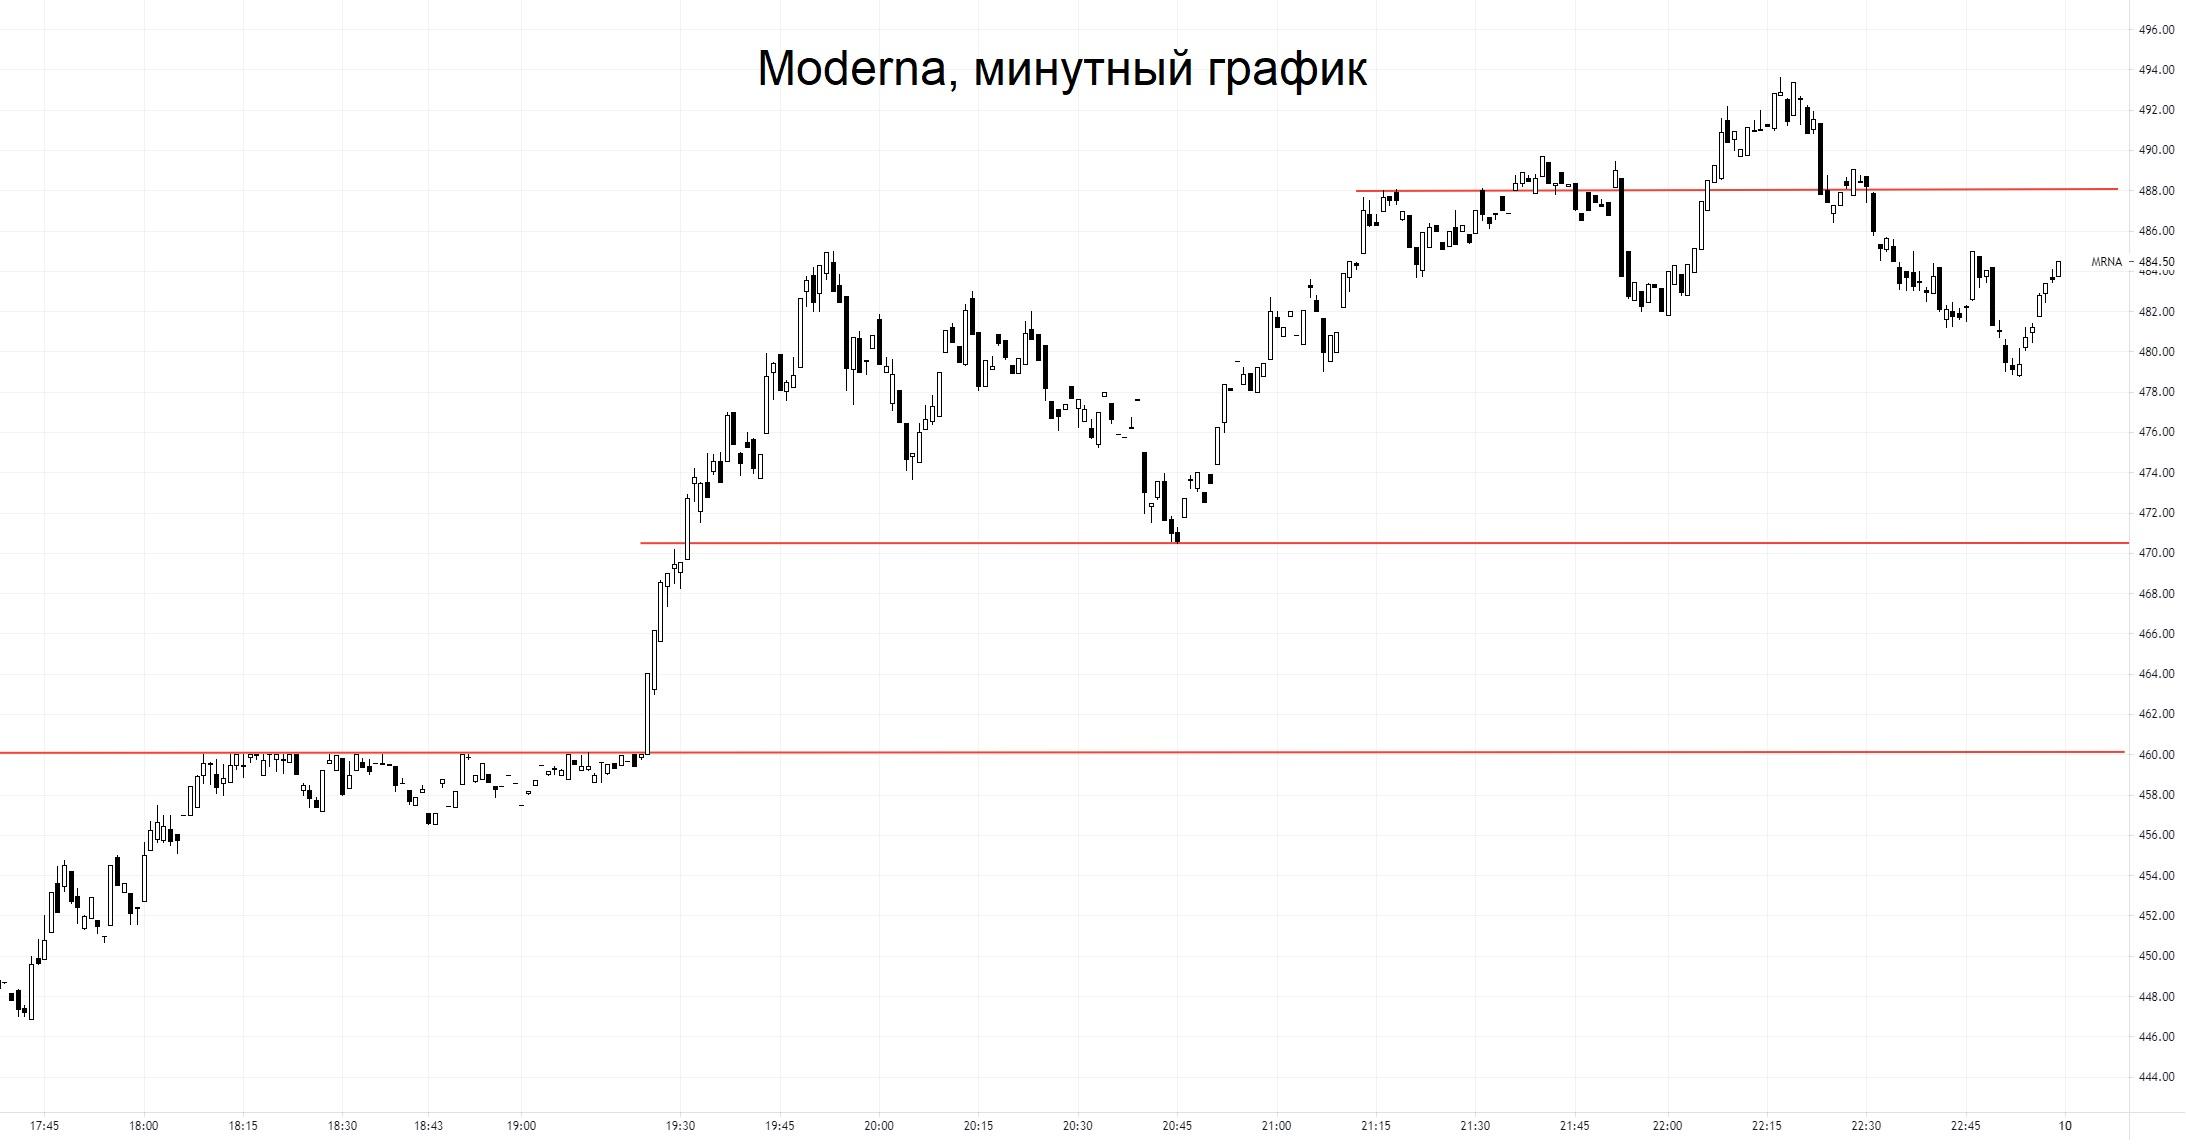 Акции Moderna вошли в раж: +17% за день, компания стоит почти $200 млрд